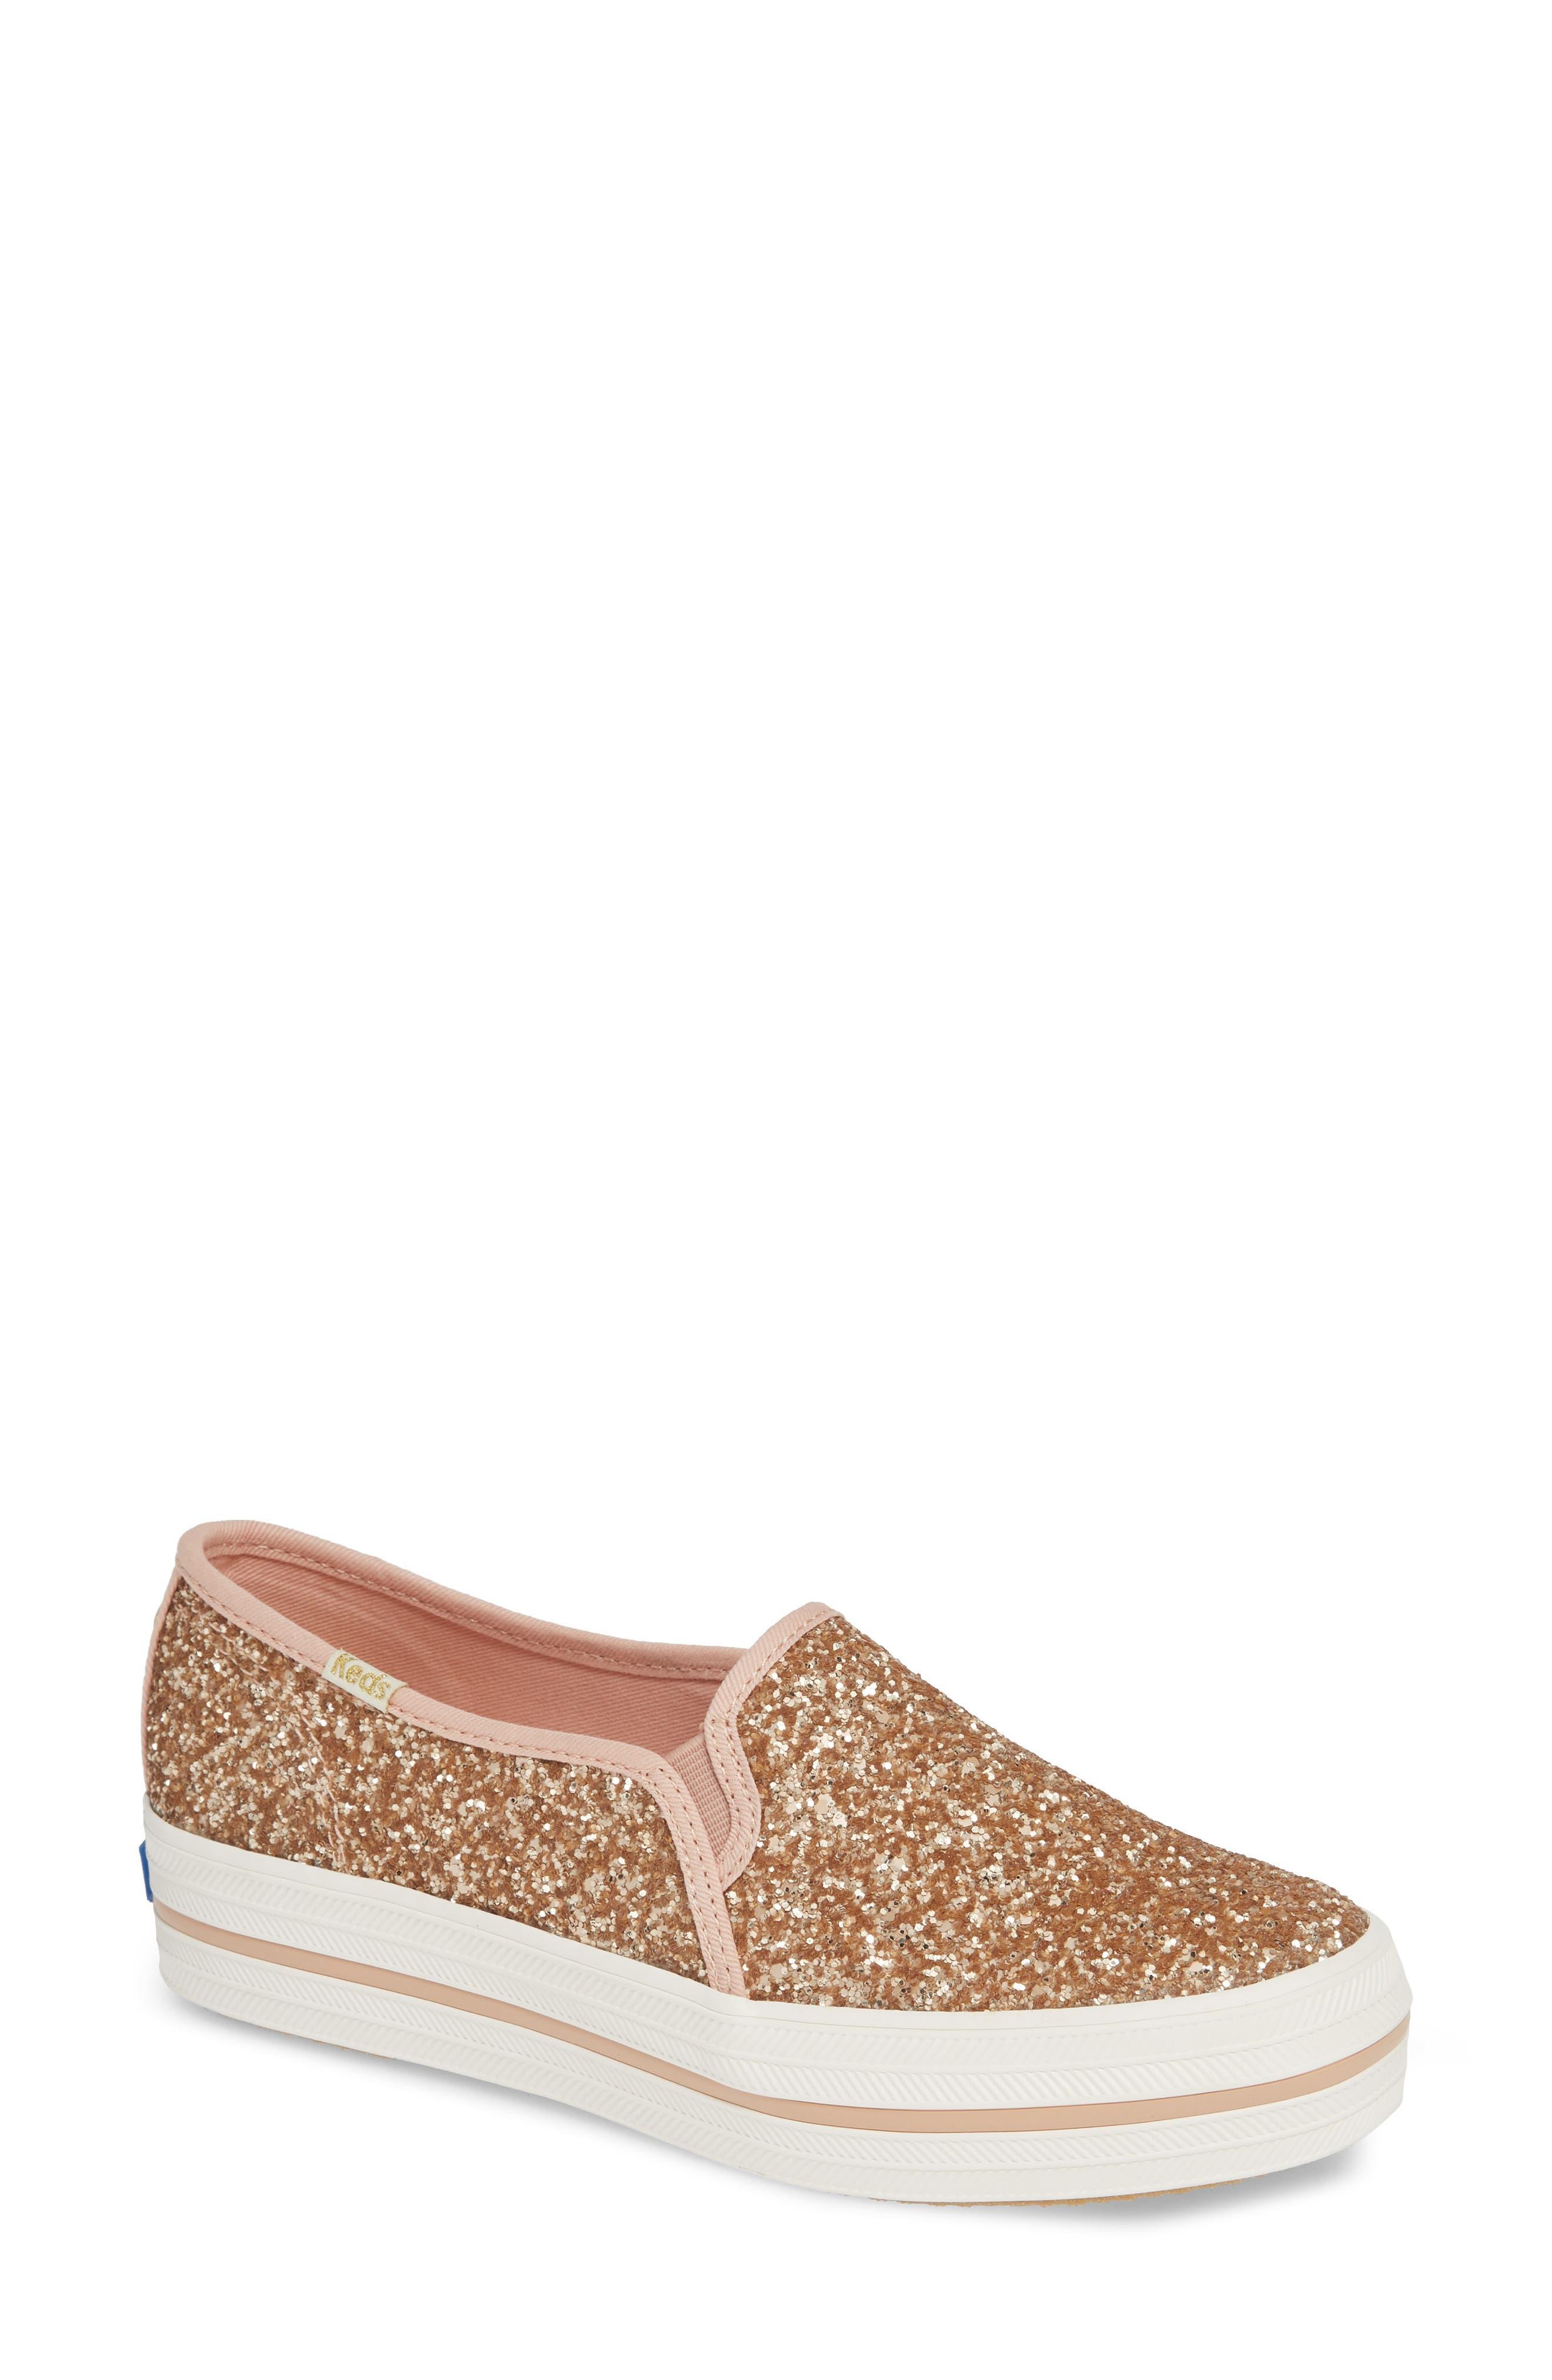 triple decker glitter slip-on sneaker,                             Main thumbnail 1, color,                             ROSE GOLD